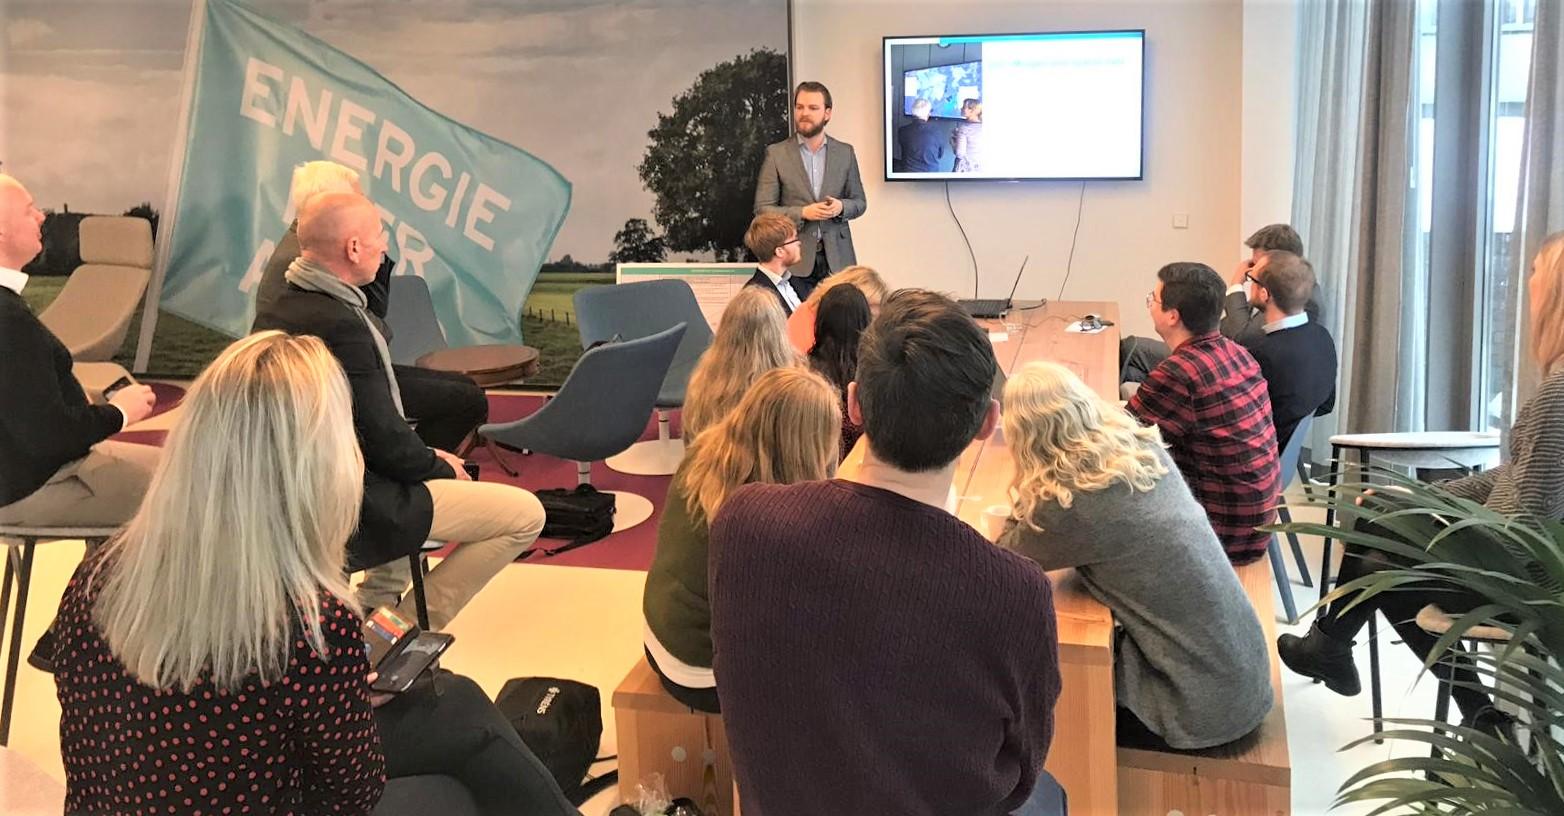 Meer Zweedse Inspiratie : Zweedse studiereis voor inspiratie bij over morgen data fika